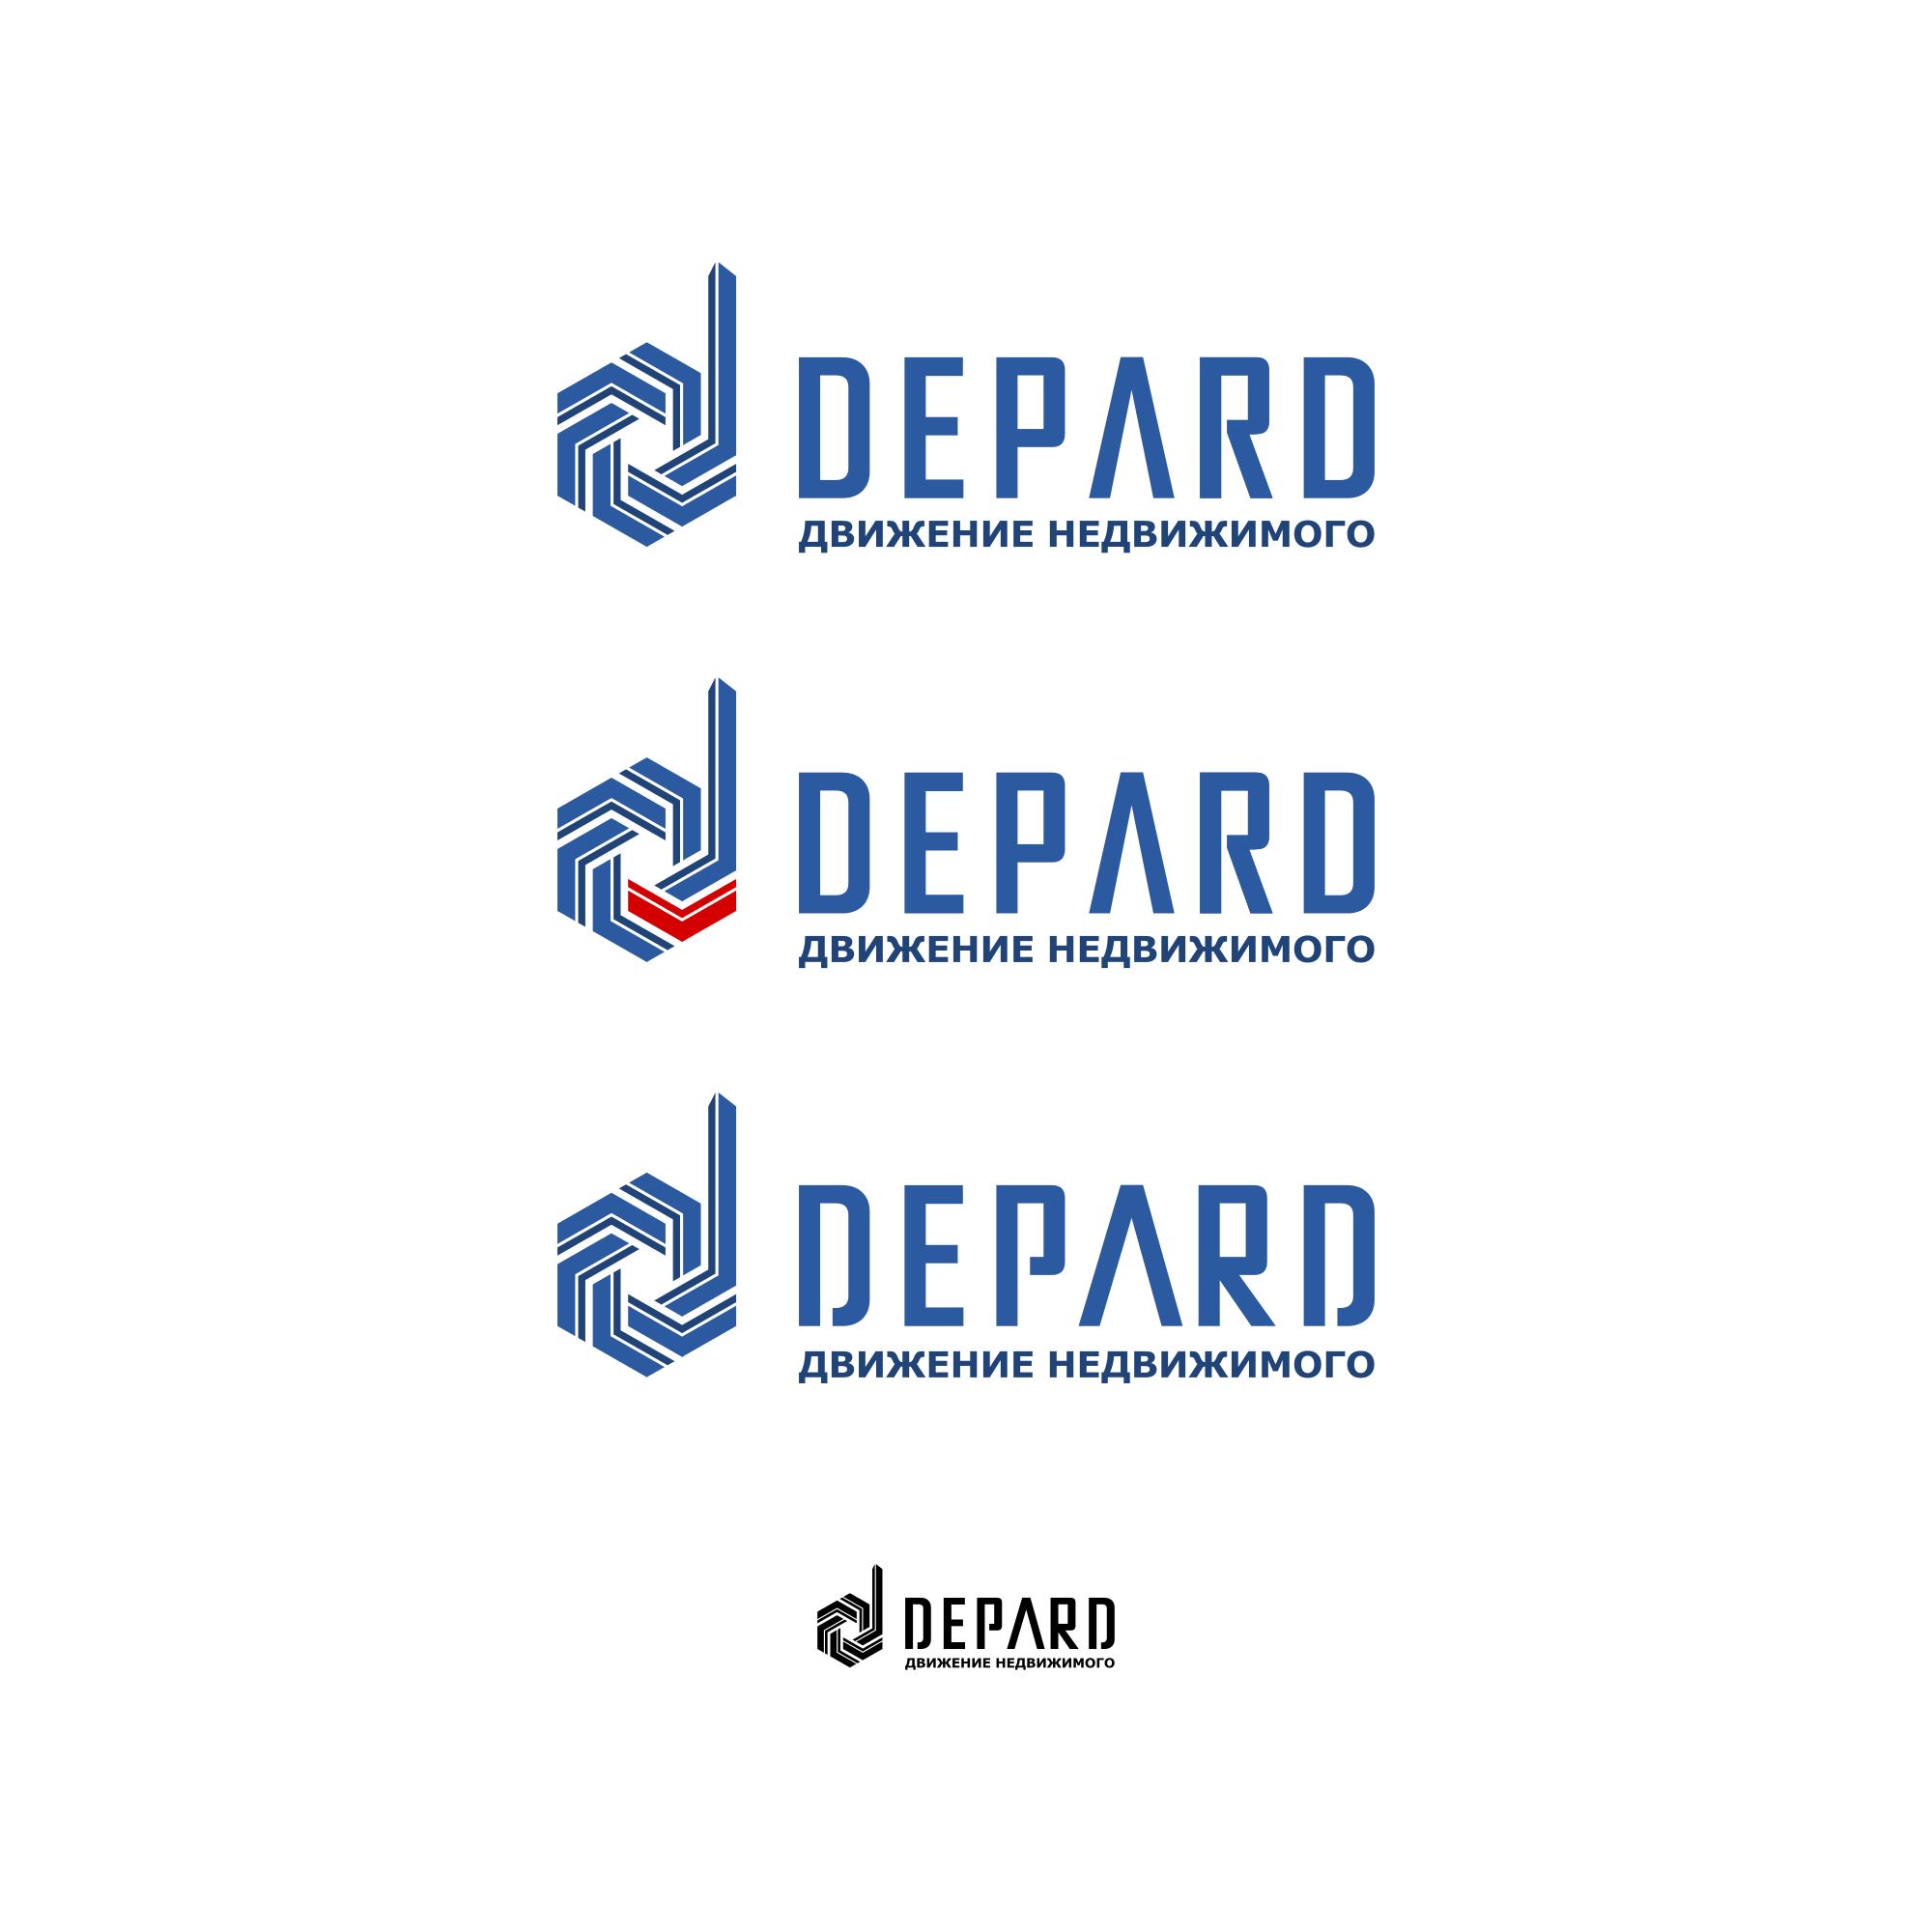 Логотип для компании (услуги недвижимость) фото f_447592f0eae25929.png